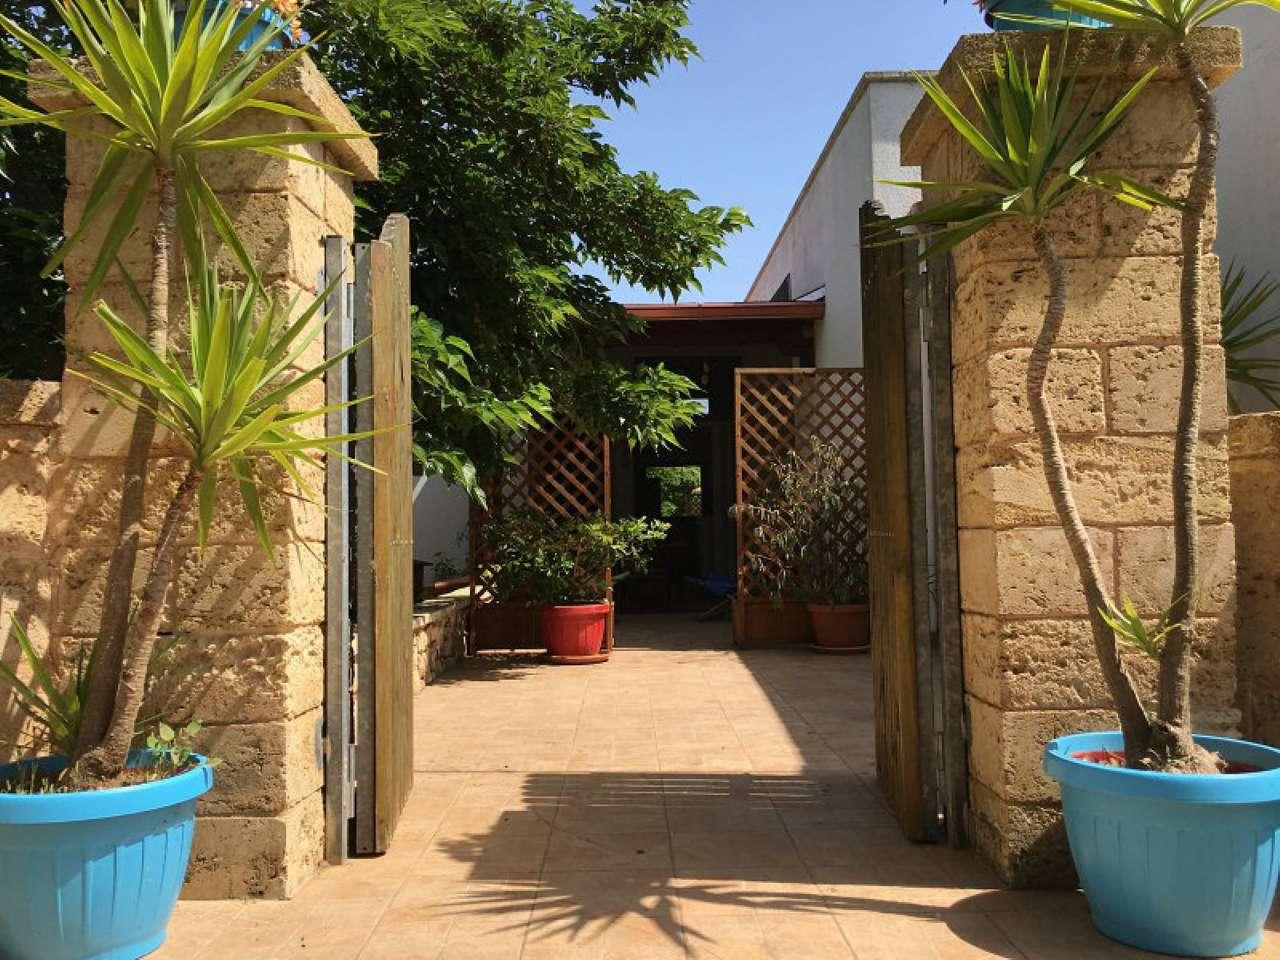 Luminoso bilocale dependance con giardino a pochi minuti dal mare Rif.10106610